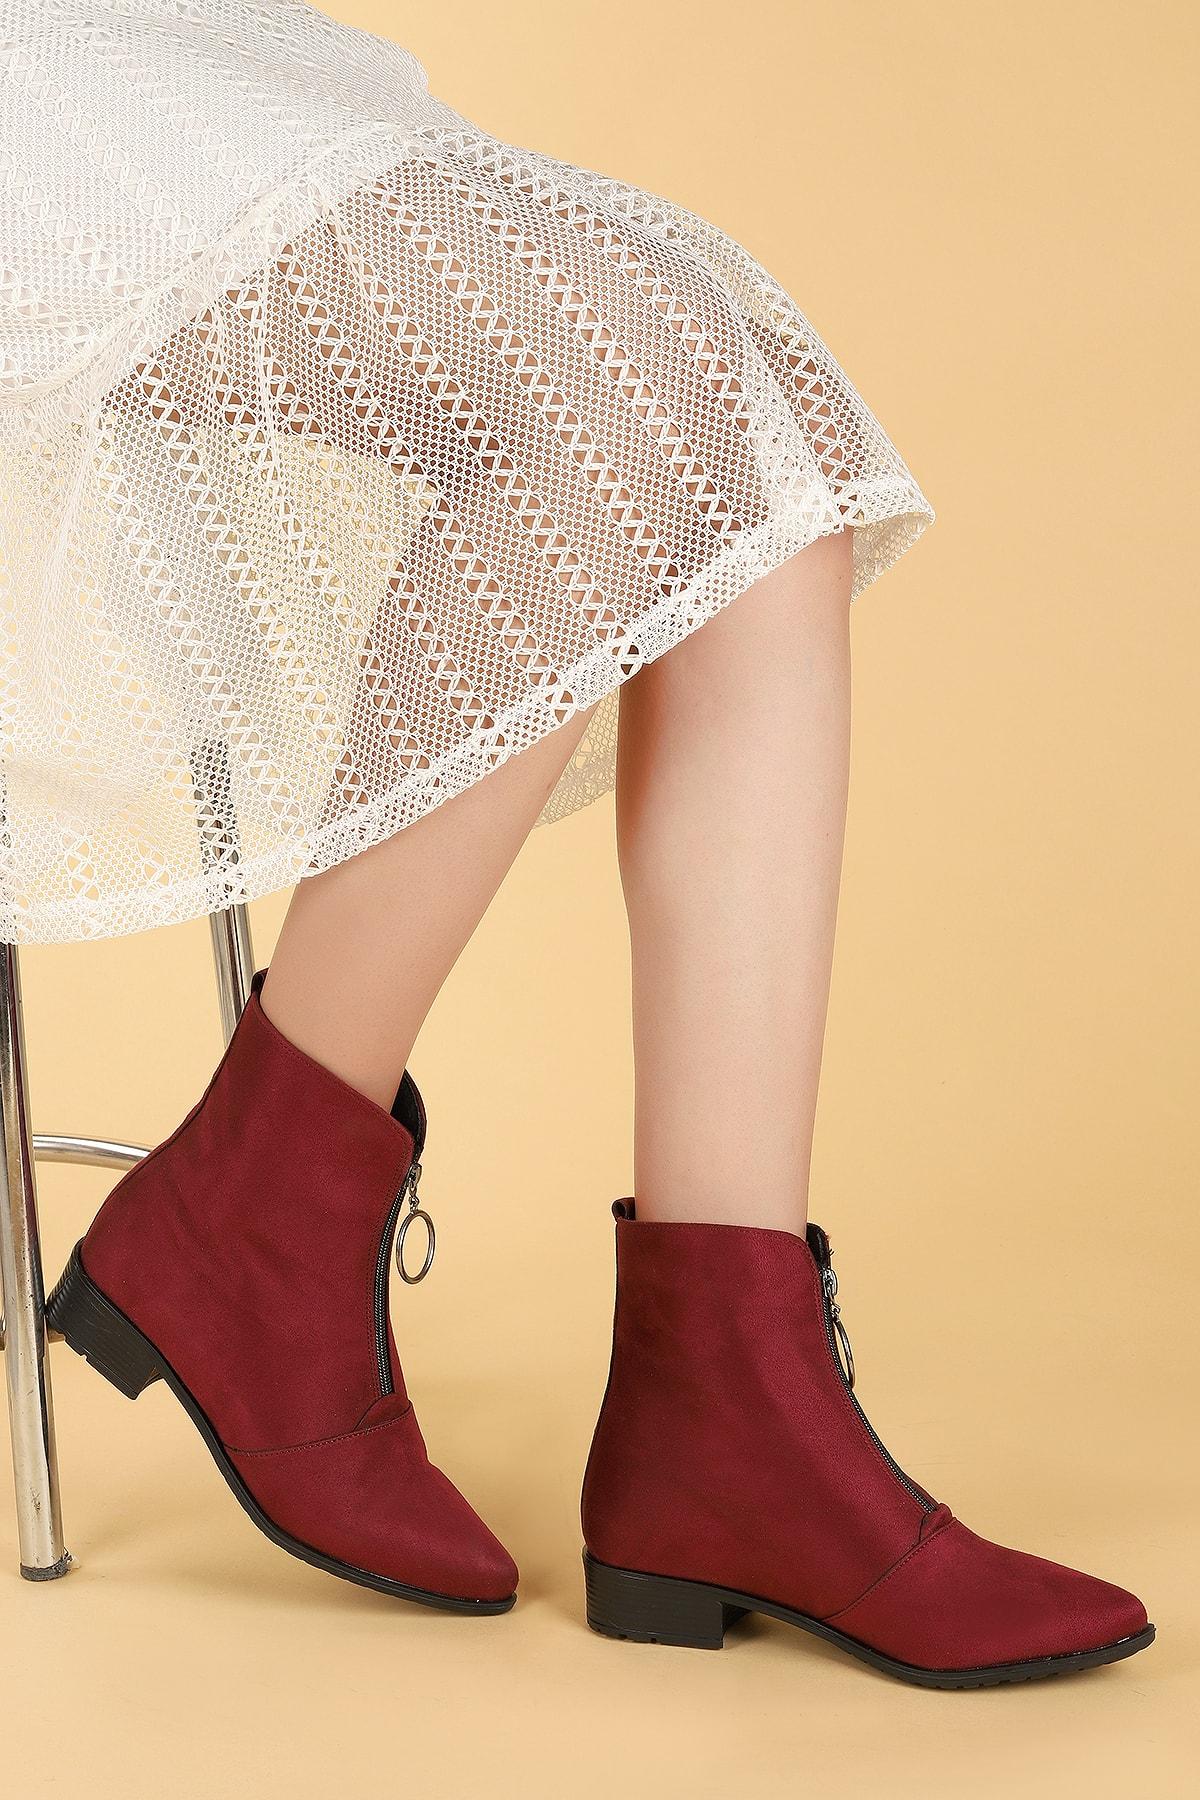 Ayakland Kadın Bordo Bot Ayakkabı 2